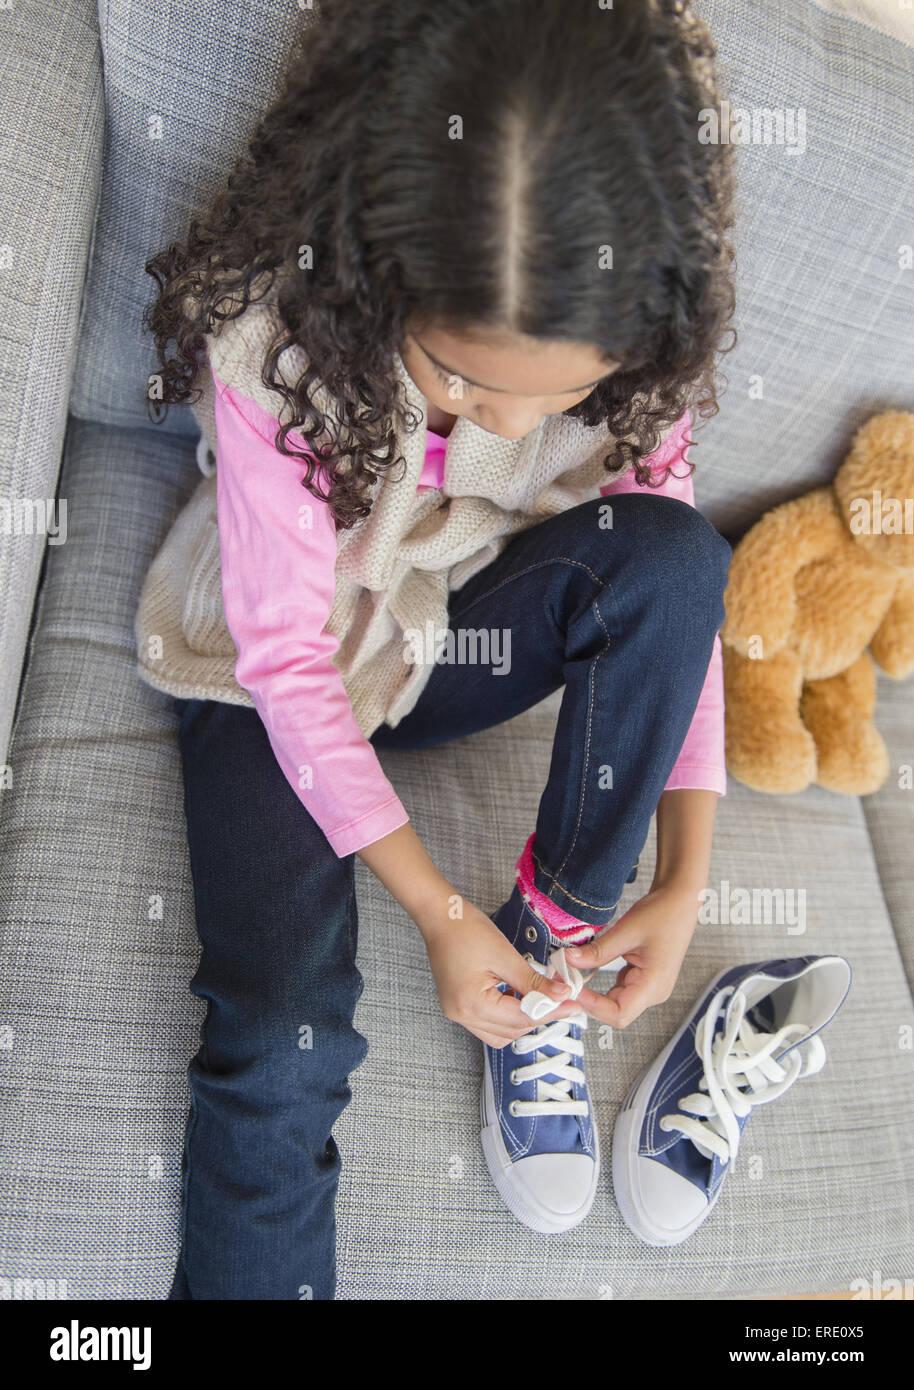 Afrikanische Schuhe Stockfotos und bilder Kaufen Alamy coKaW